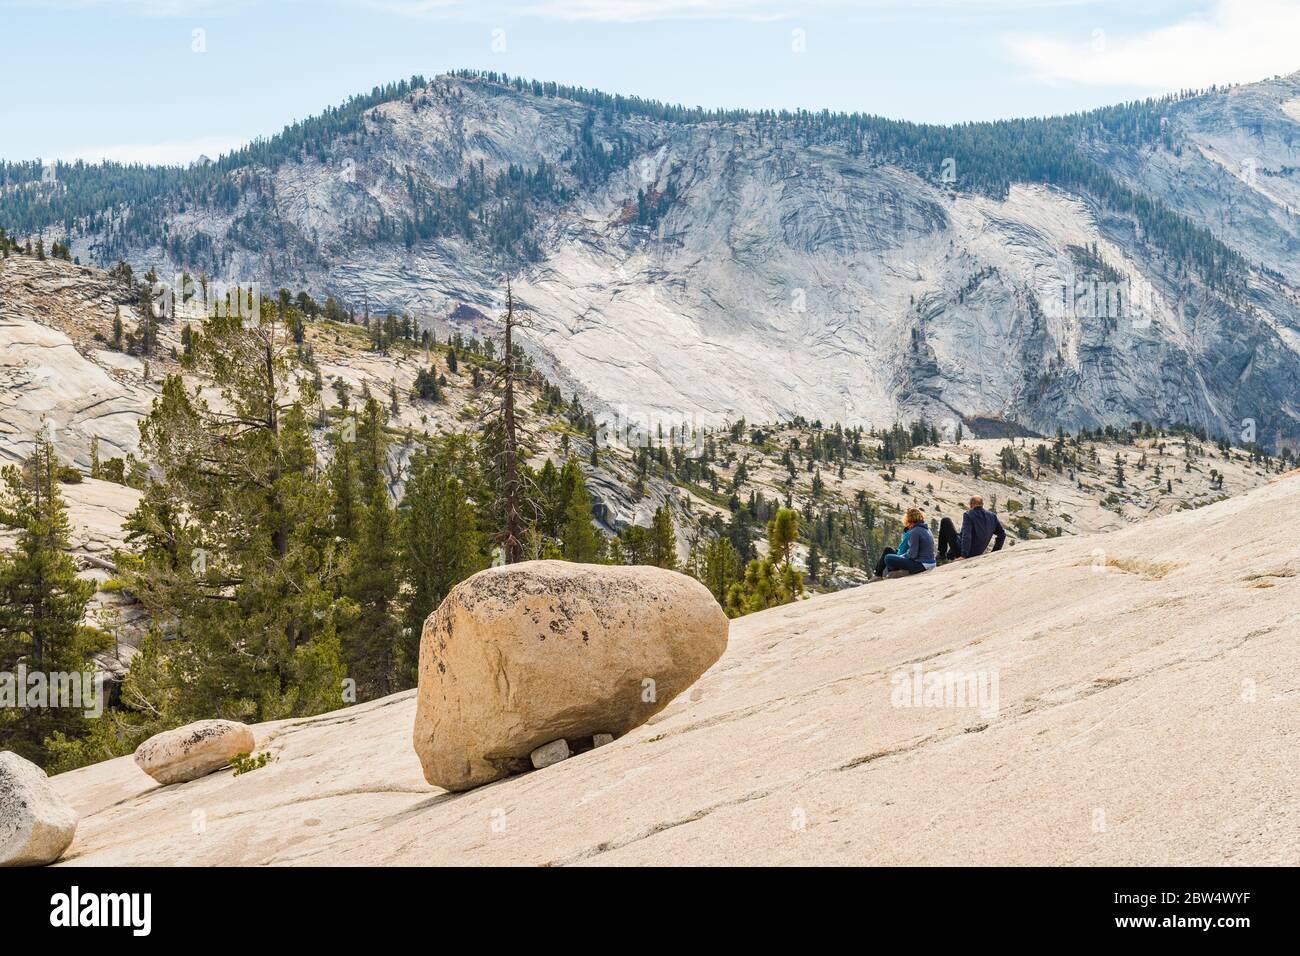 Turistas en las colinas de granito Olmsted Point en el Parque Nacional Yosemite Foto de stock